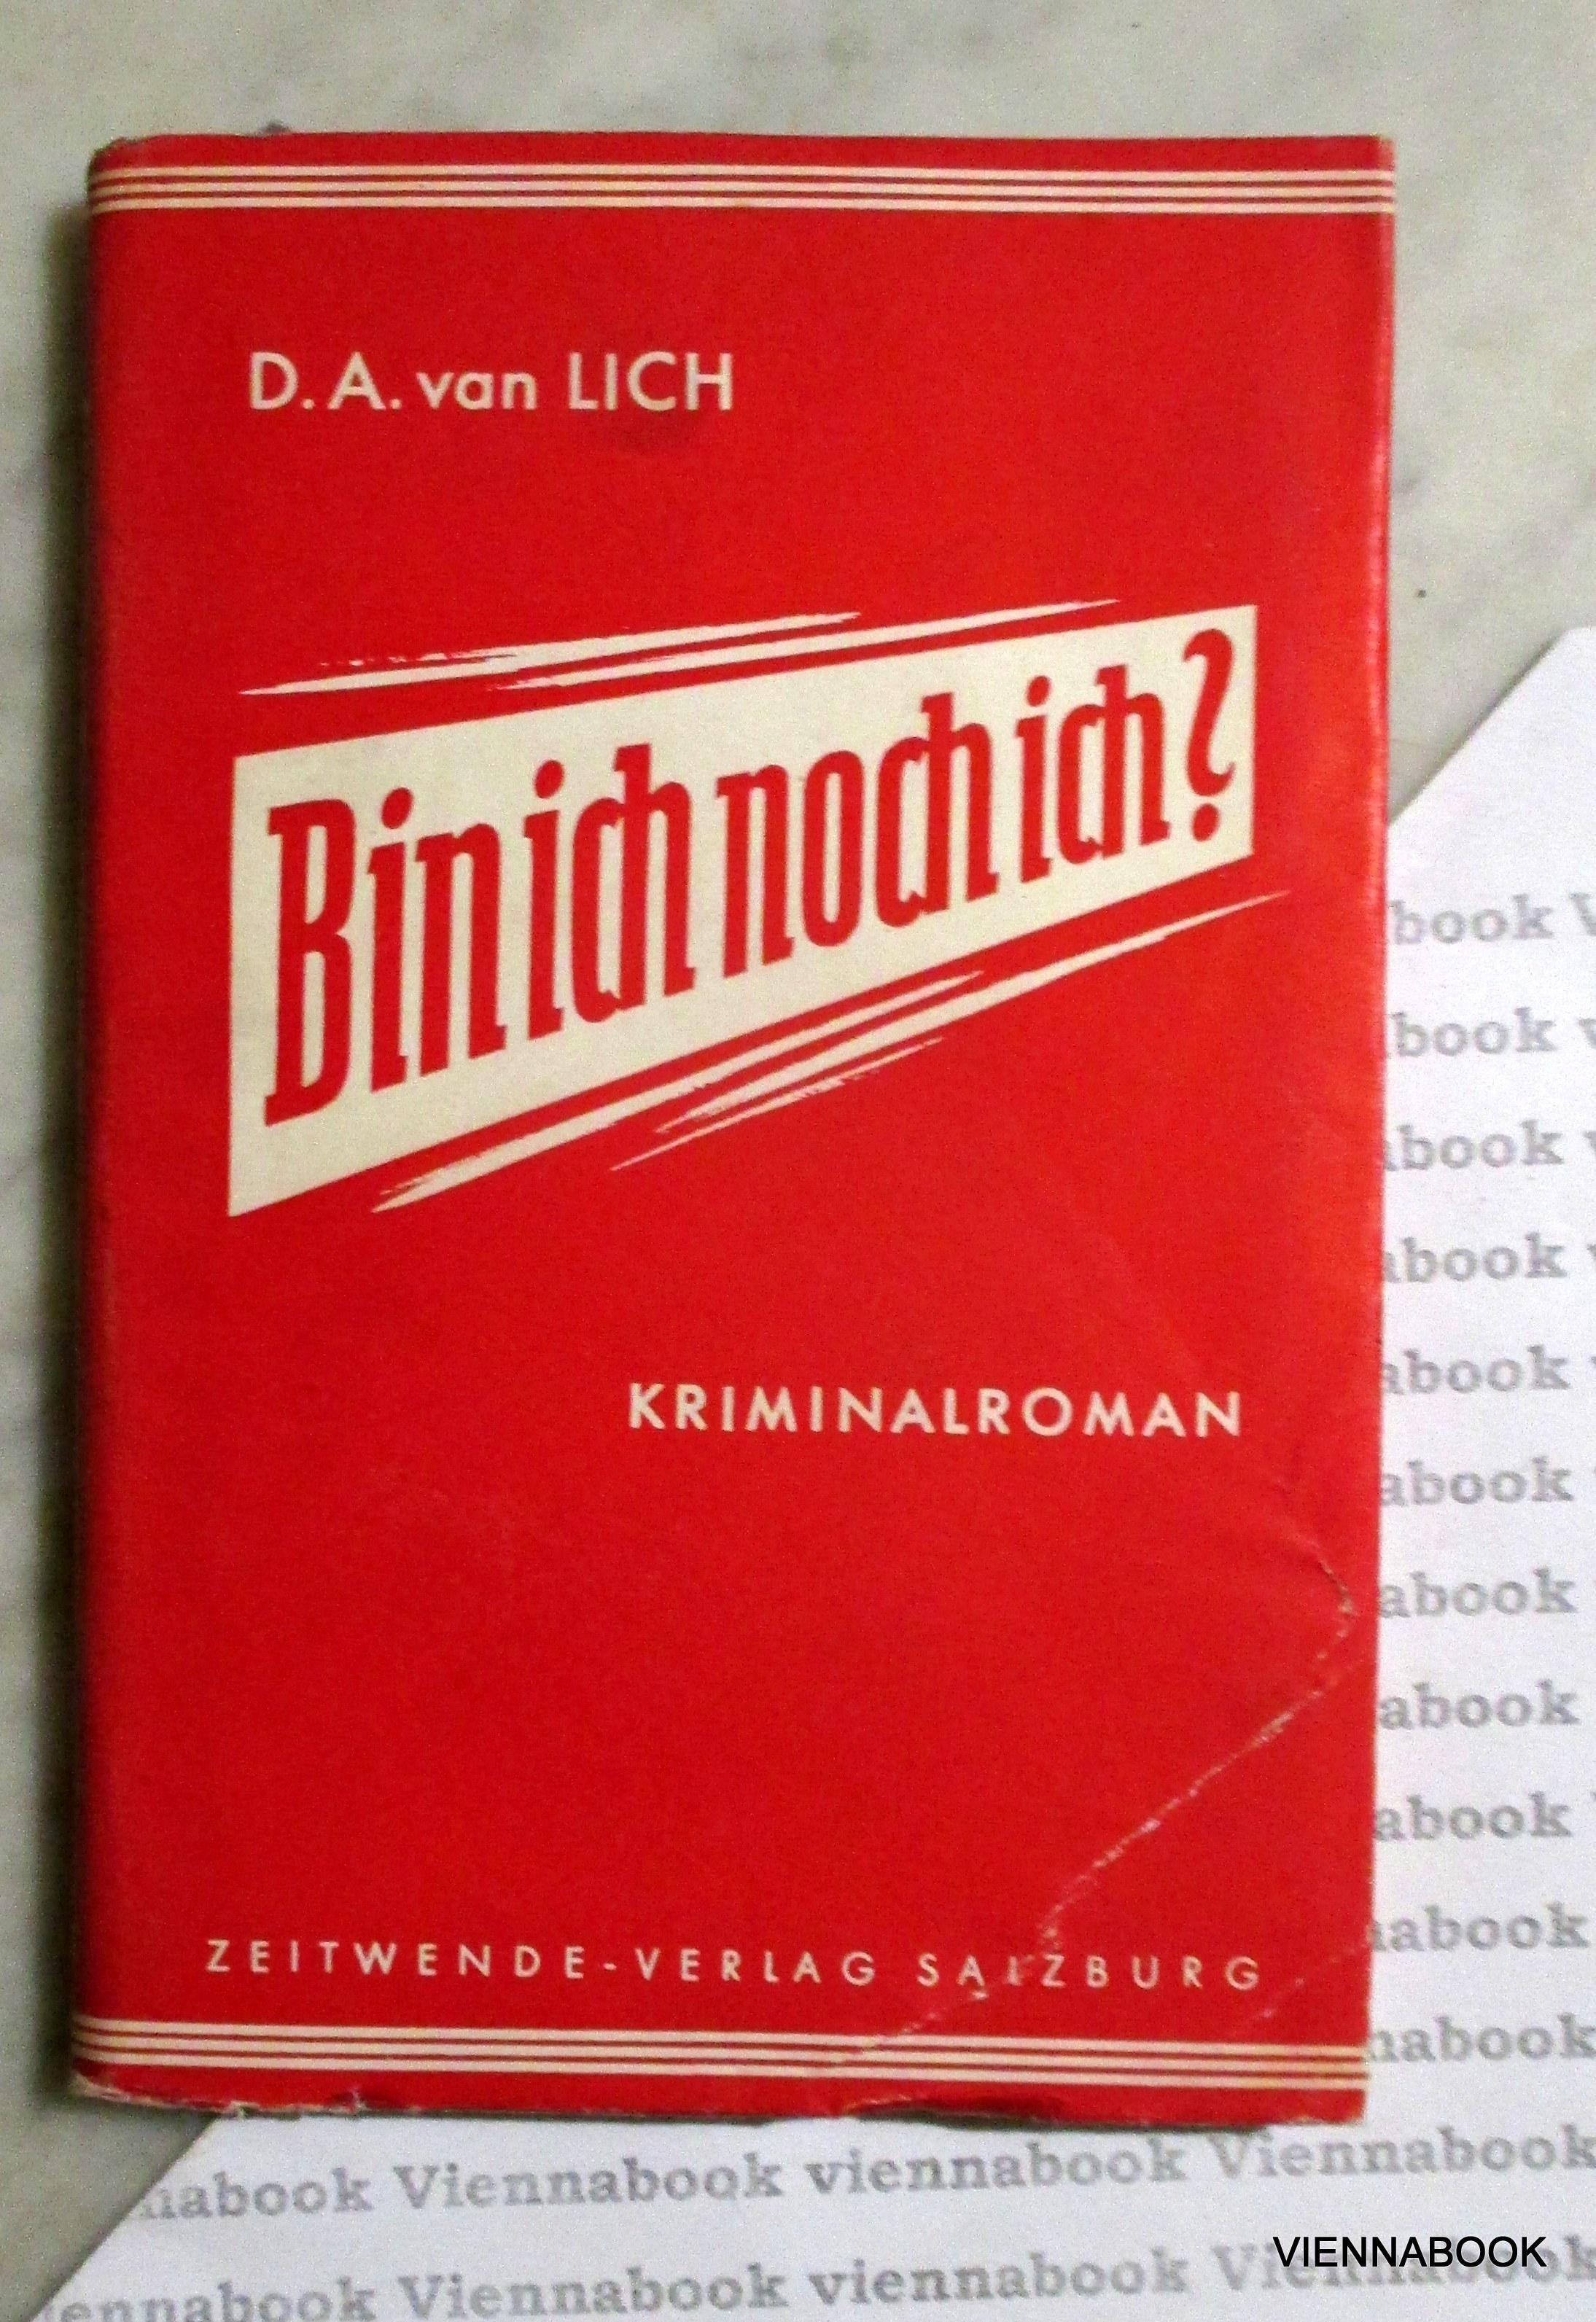 Bin ich noch ich? Ein phantastischer Kriminalroman.: Lich, Dirk Albertus